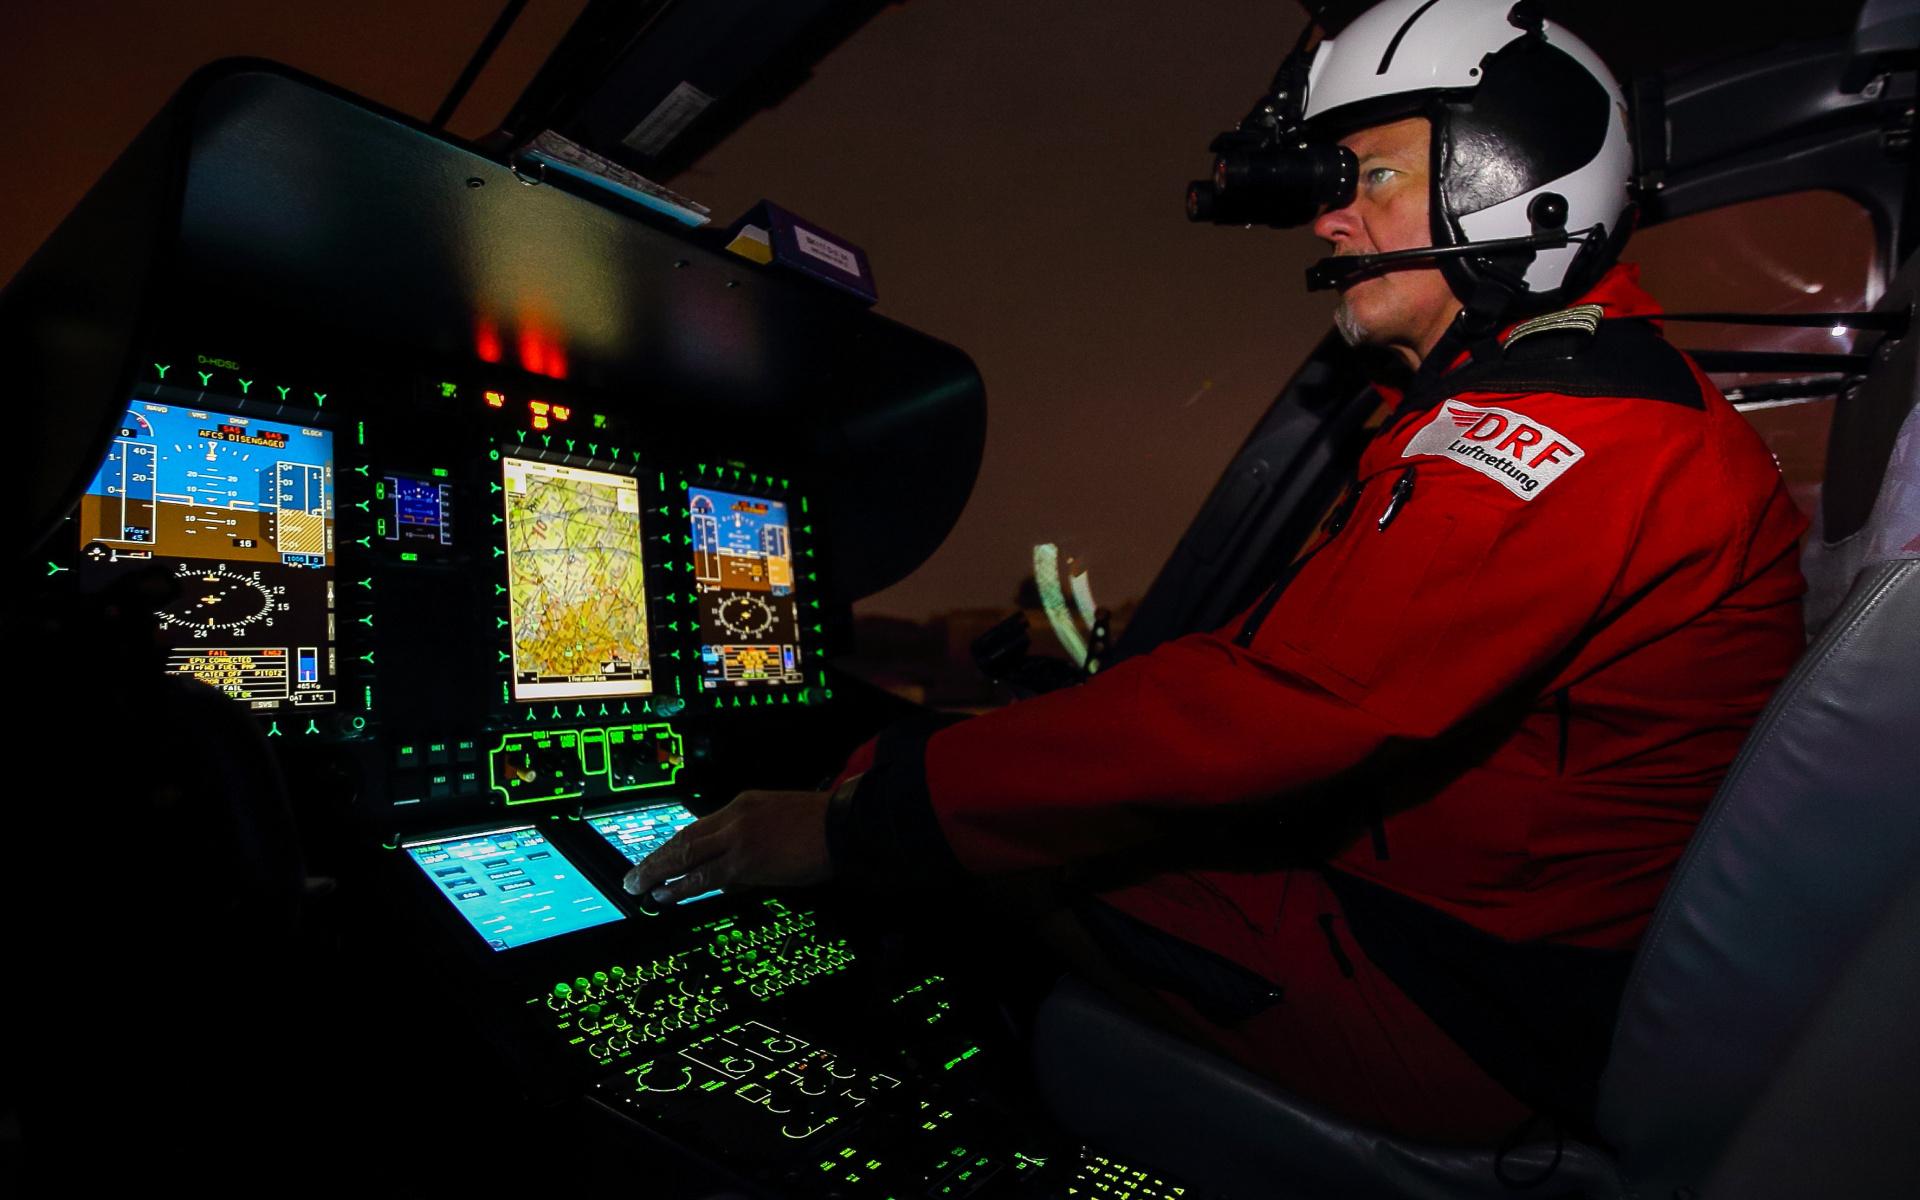 Immer häufiger werden unsere rot-weißen Hubschrauber zu nächtlichen Einsätzen alarmiert.